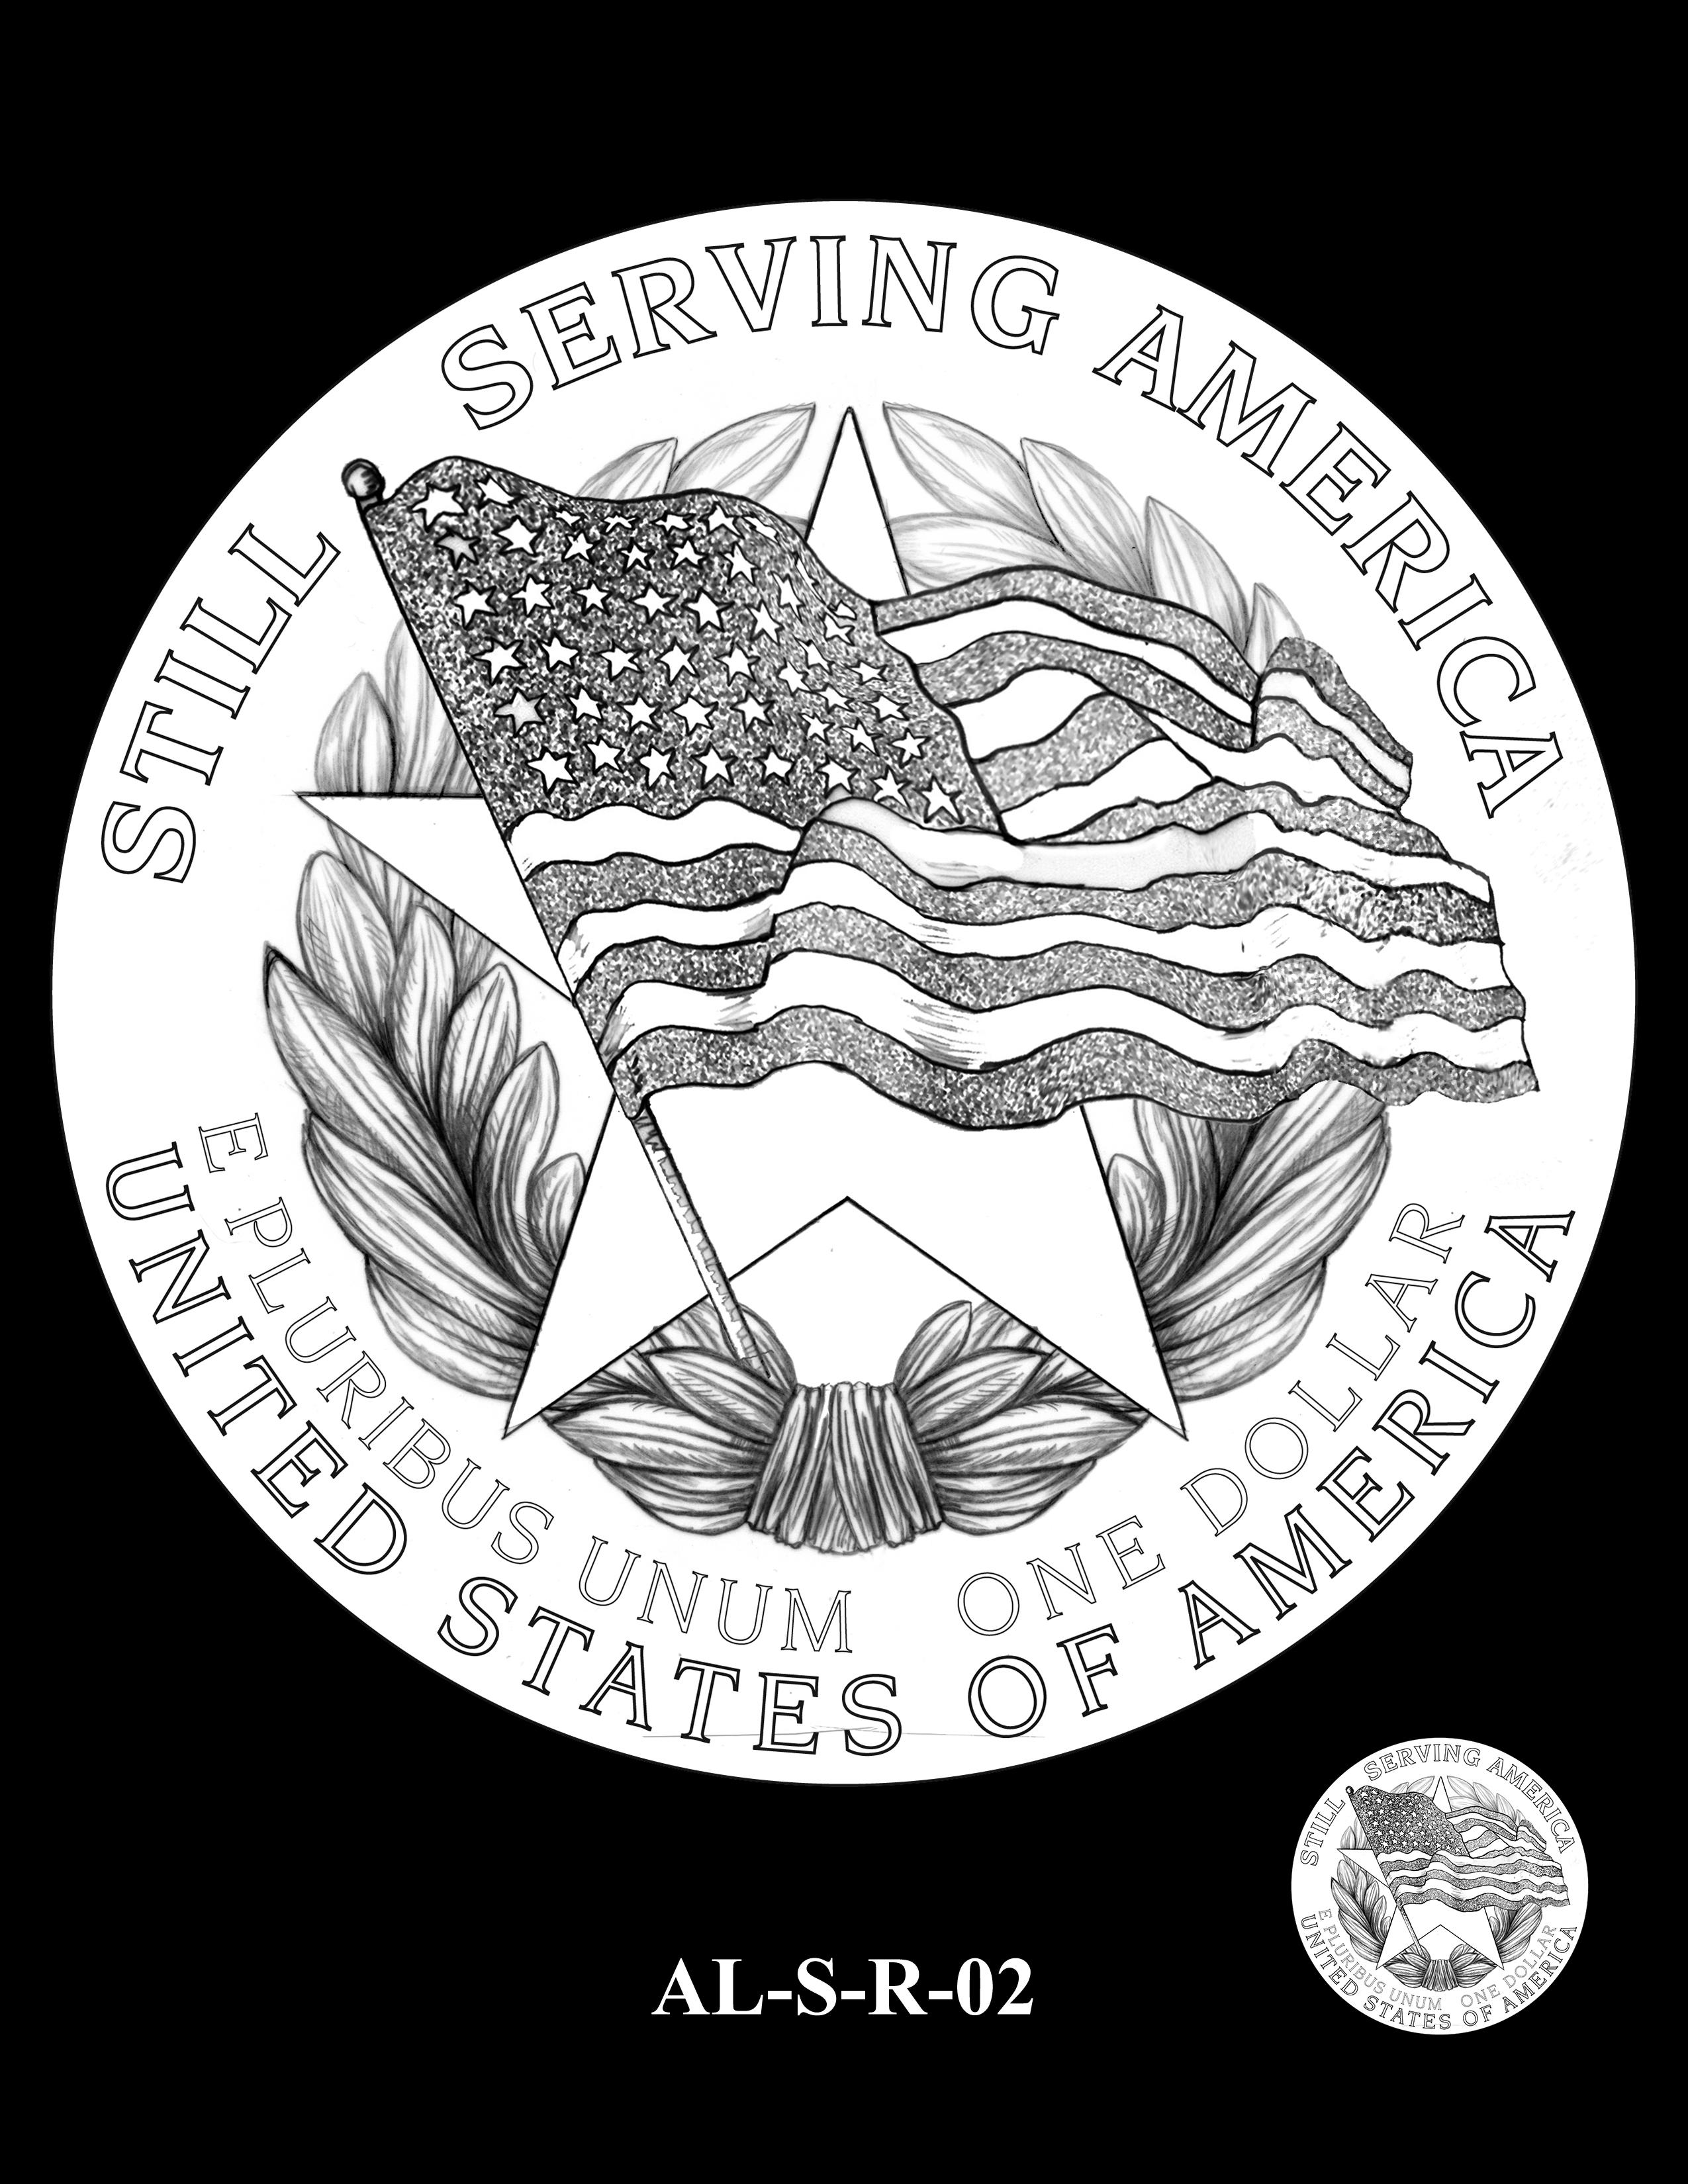 AL-S-R-02 -- 2019 American Legion 100th Anniversary Commemorative Coin Program - Silver Reverse